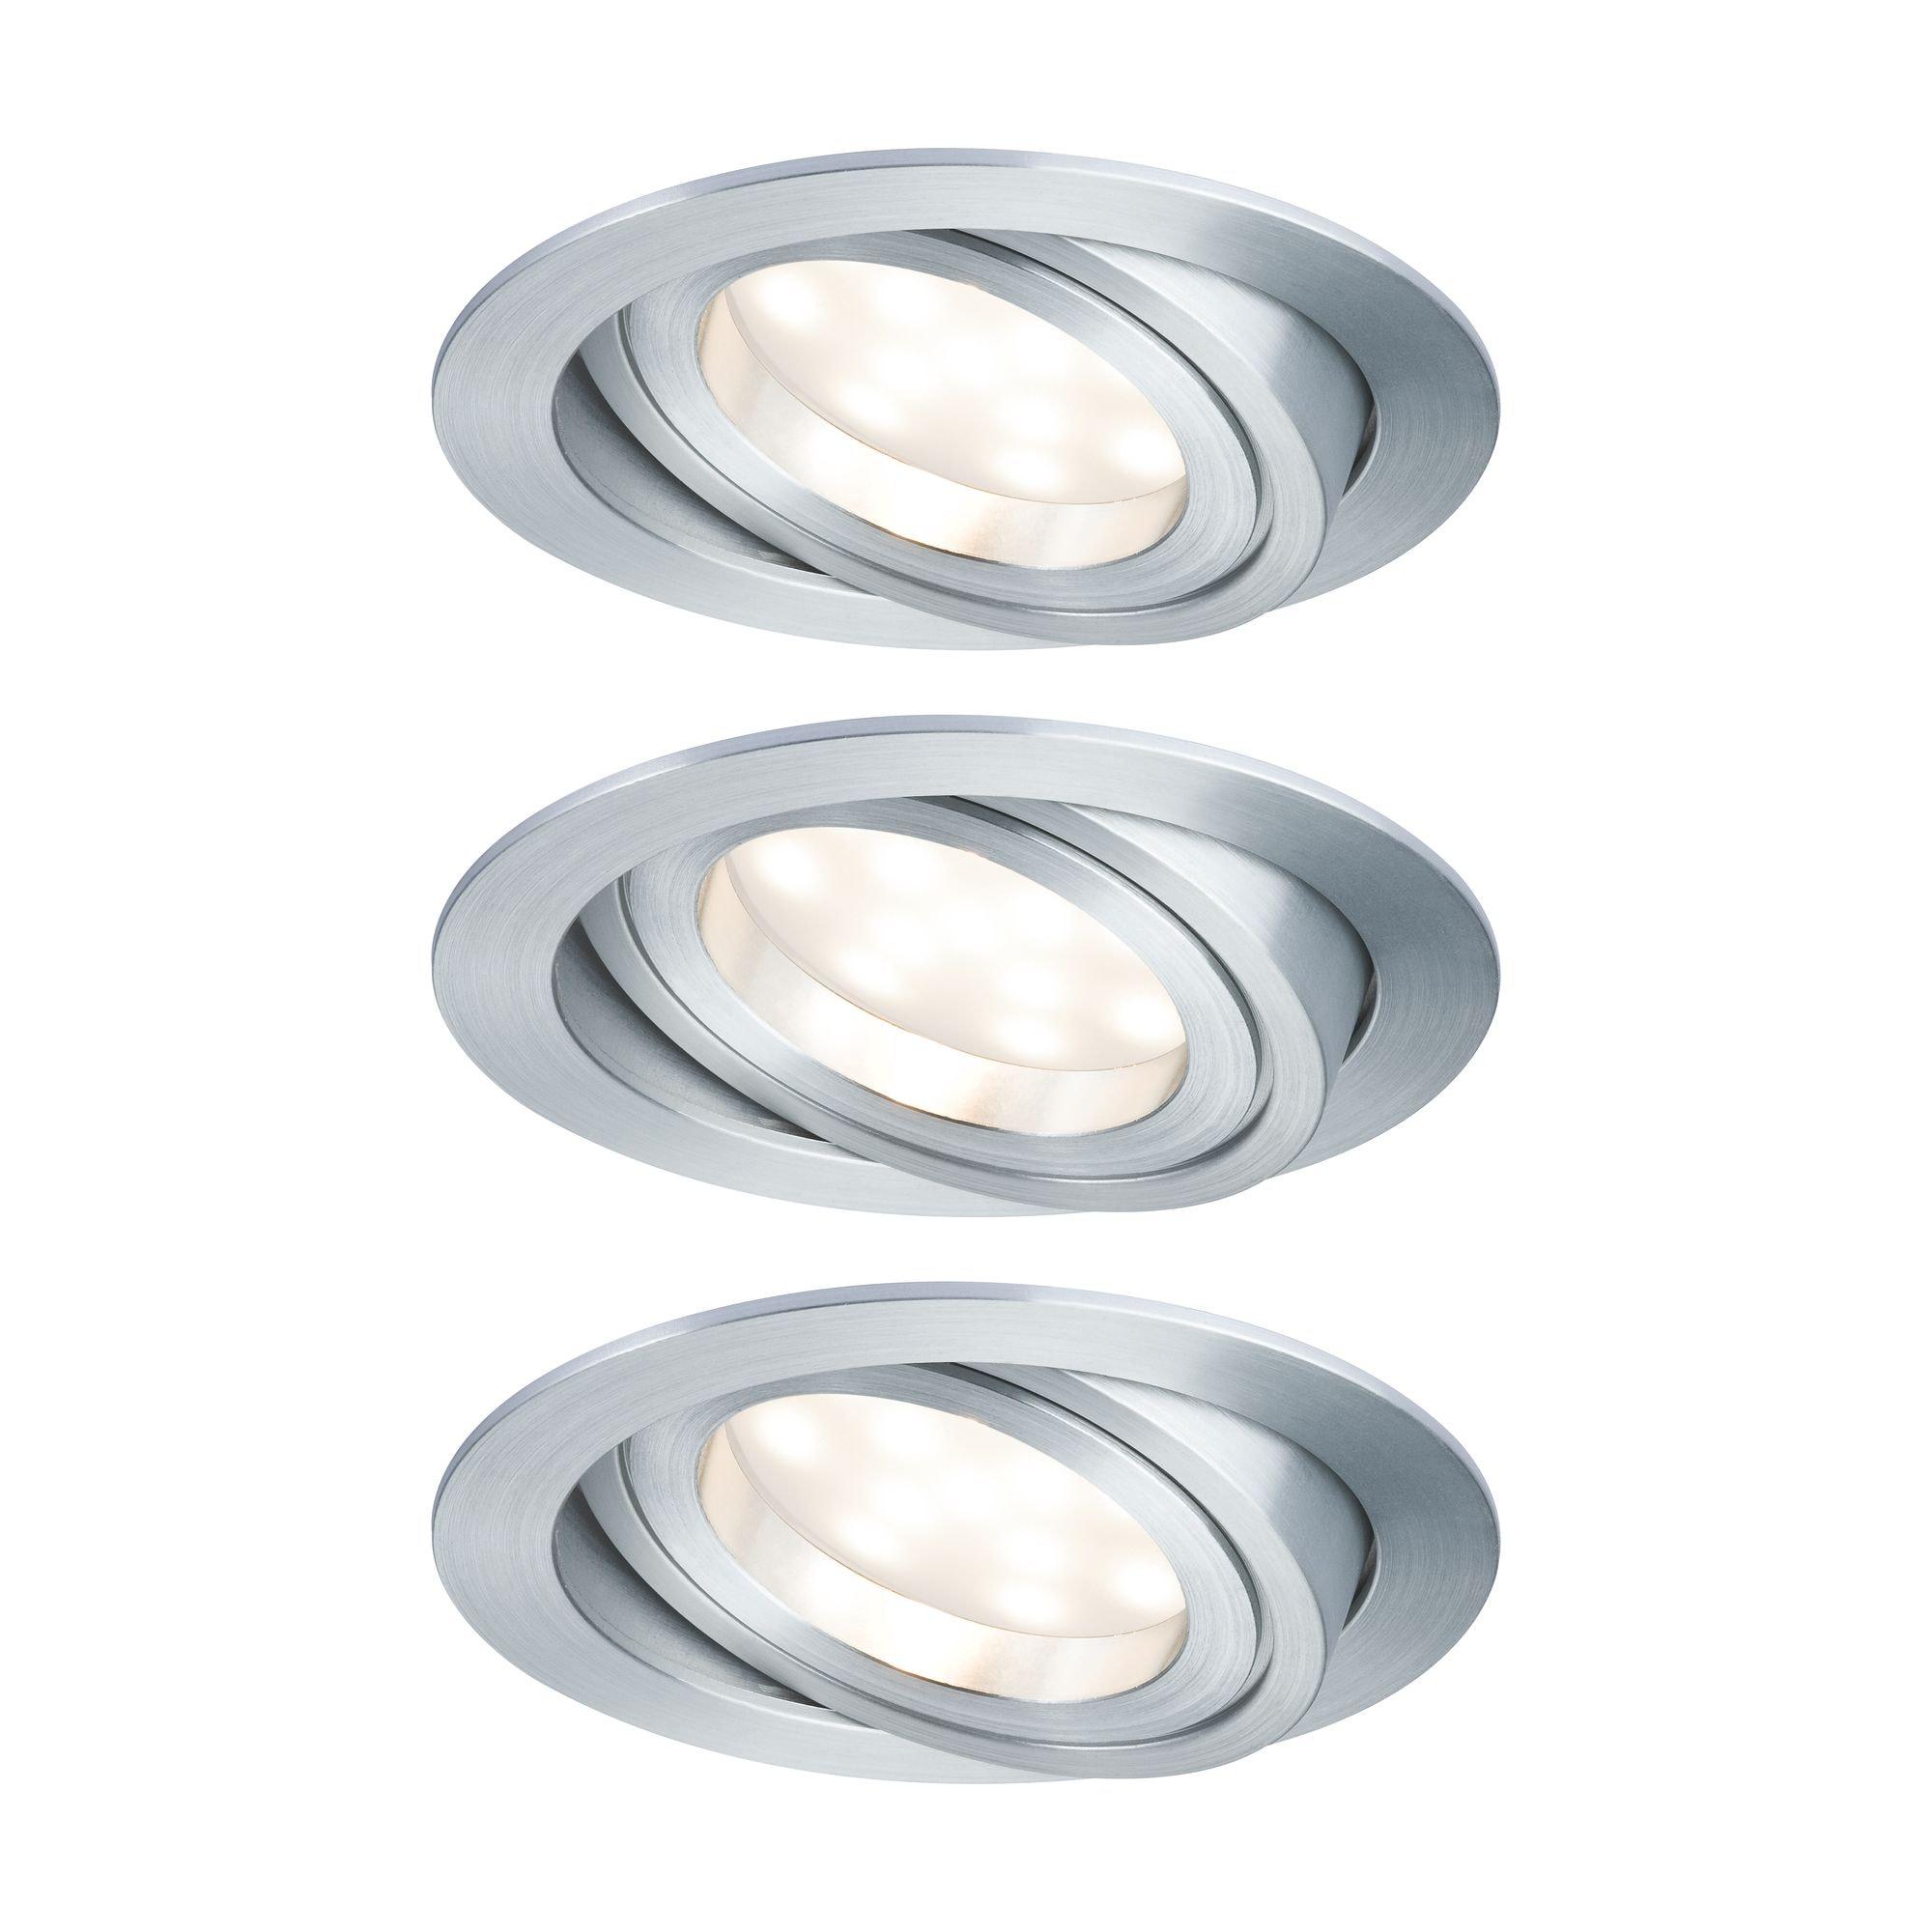 Paulmann LED Einbaustrahler 3er-Set Coin schwenkbar satiniert rund 6,8W Alu, 3 St., Warmweiß